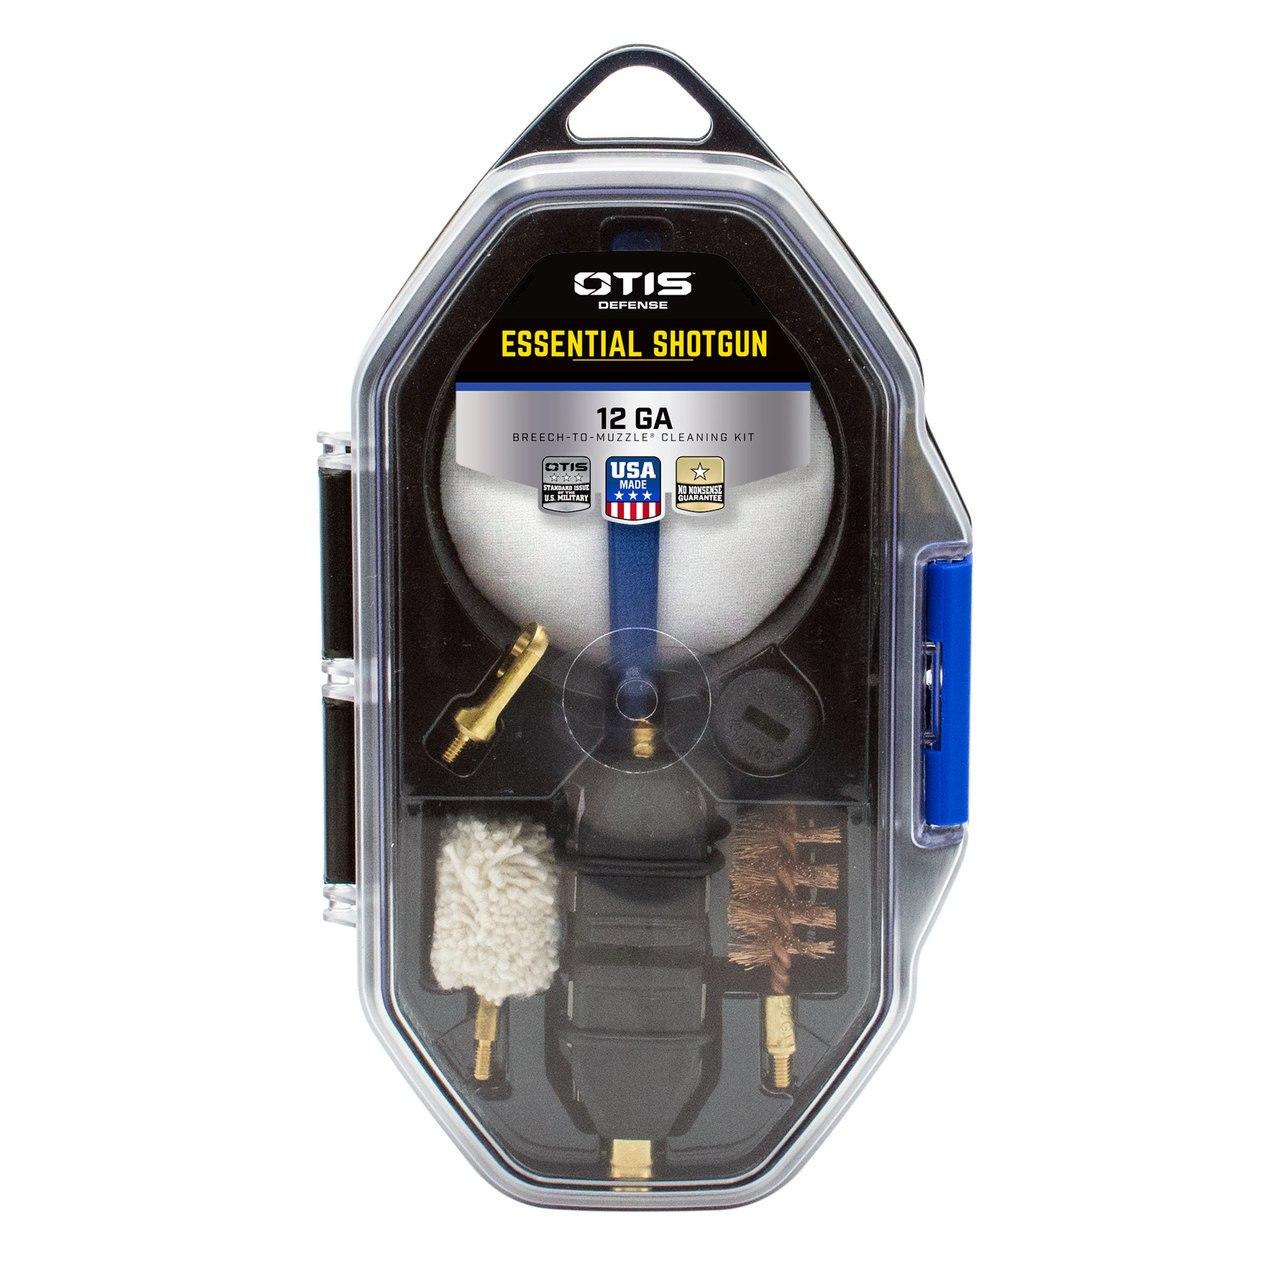 12 Ga. Essential Shotgun Cleaning Kit